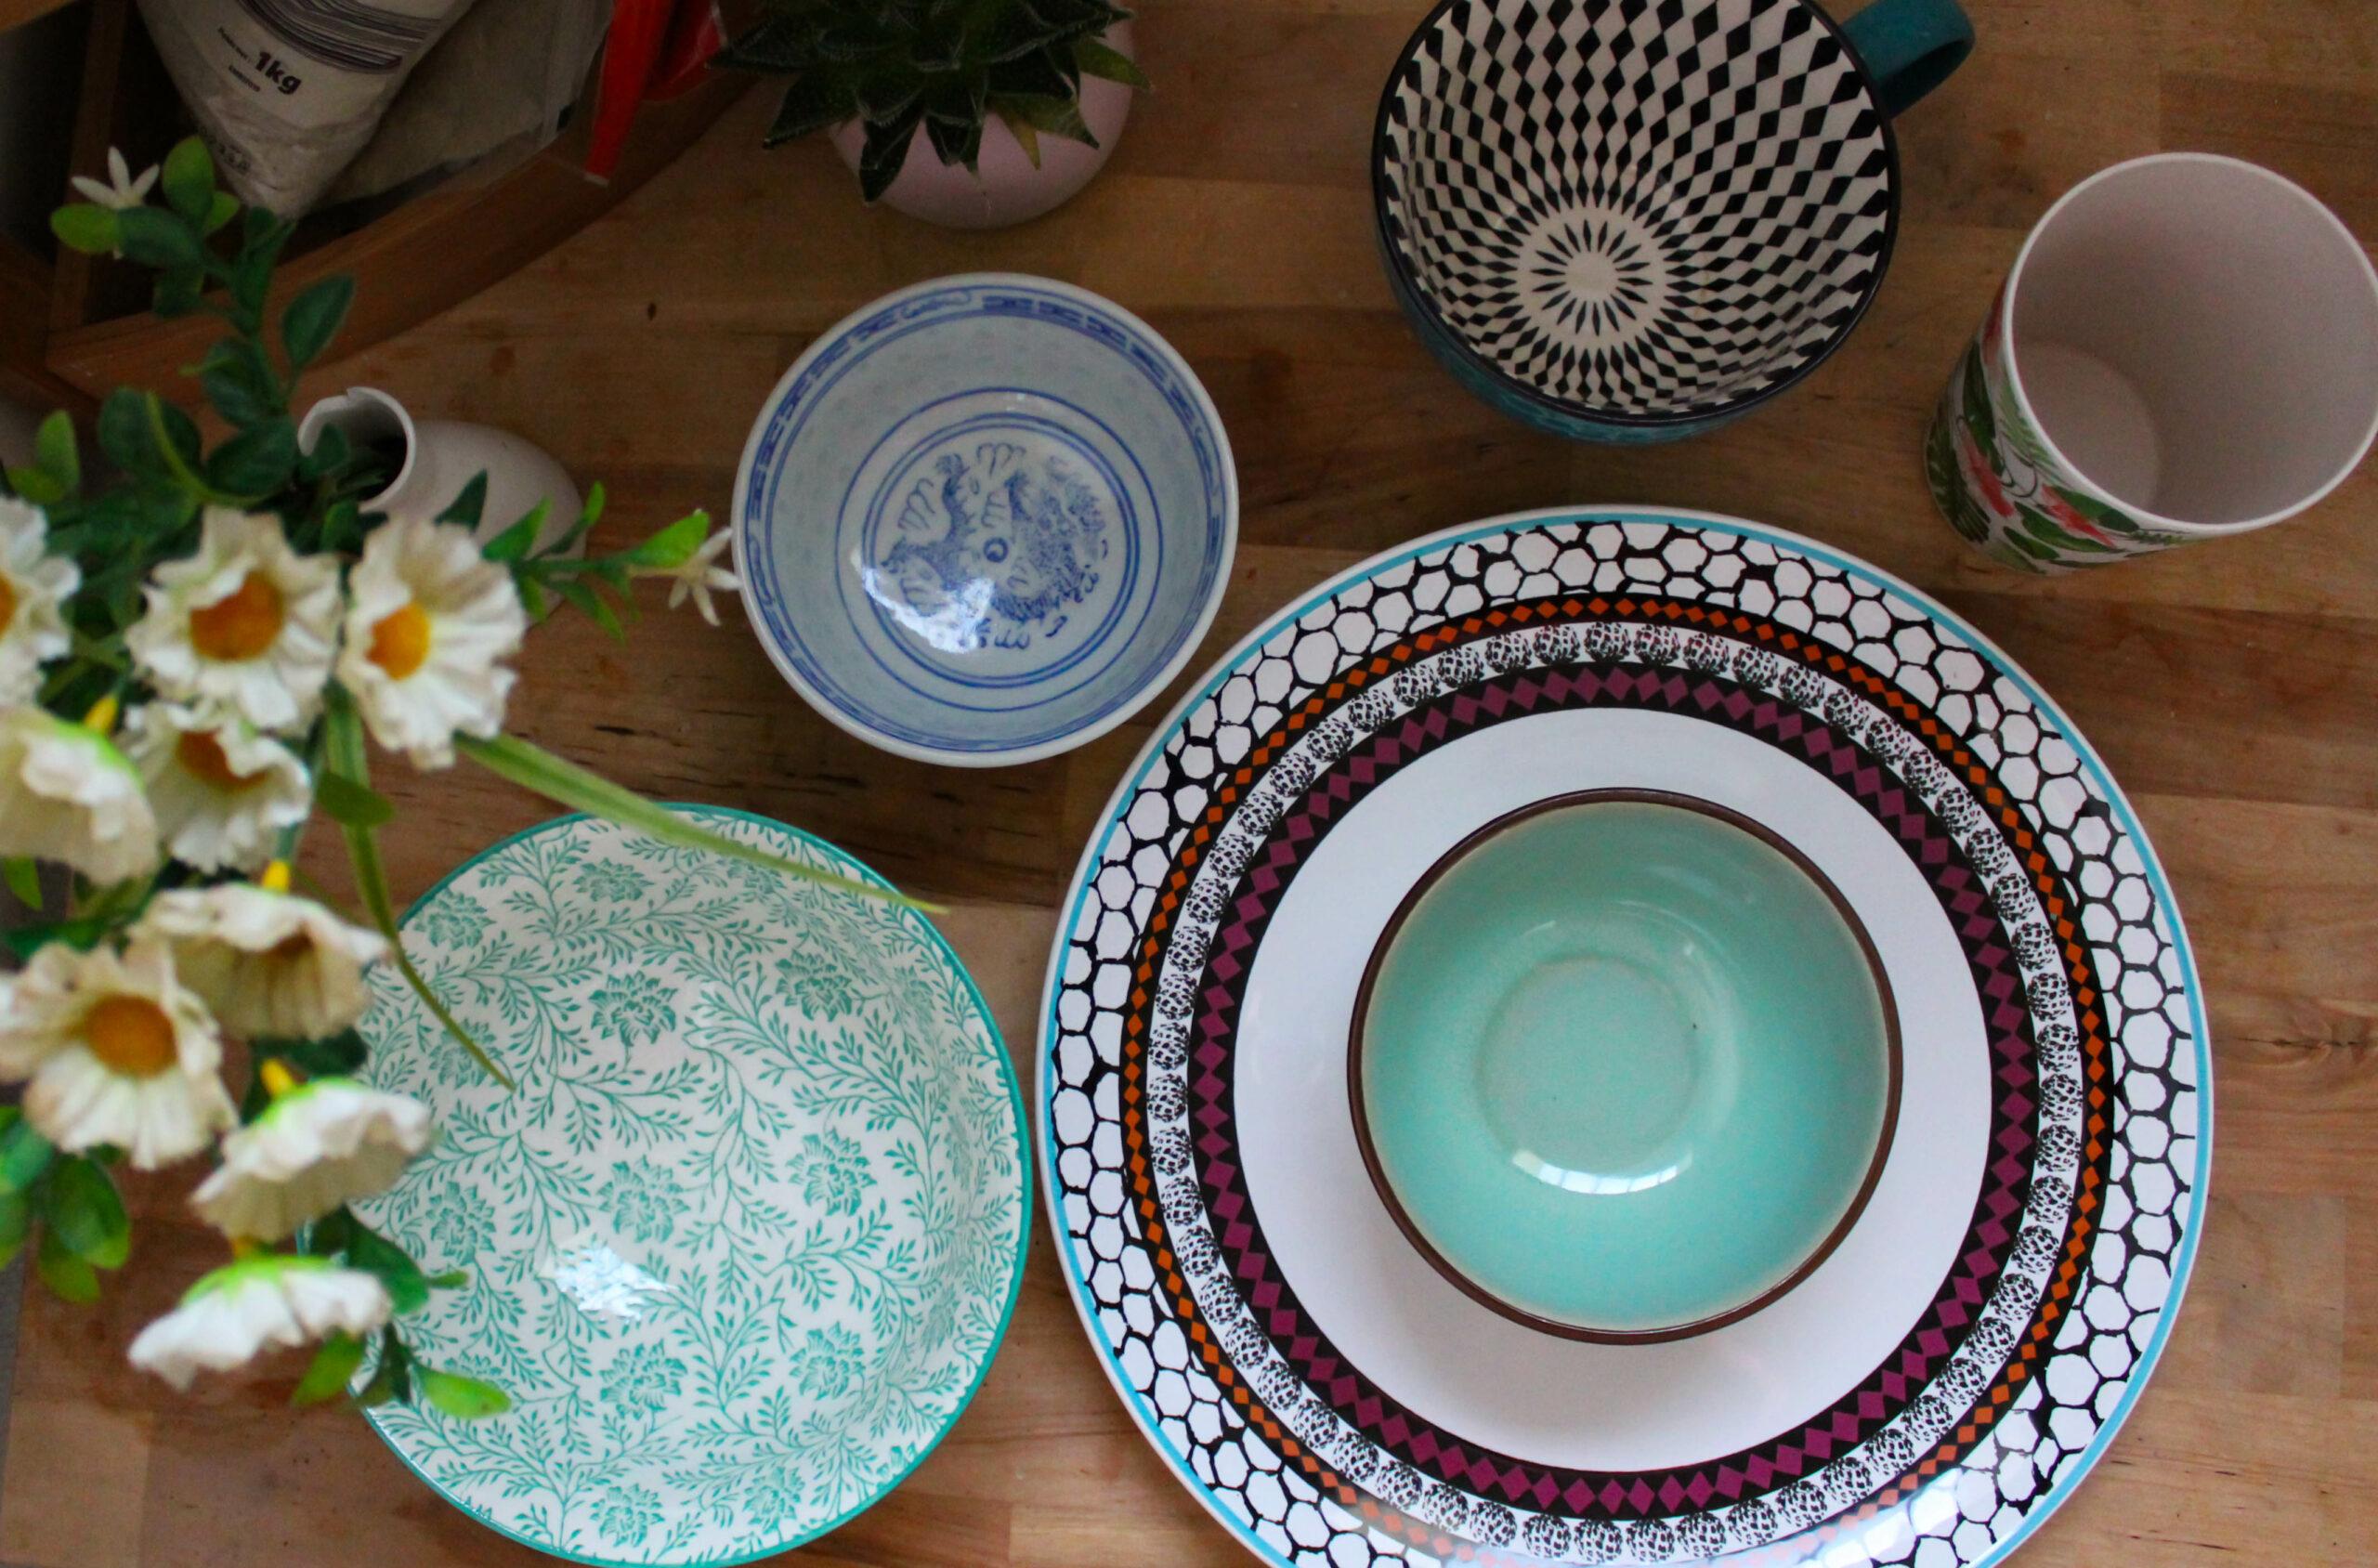 Vaisselle décorée dans des tons bleus et verts.